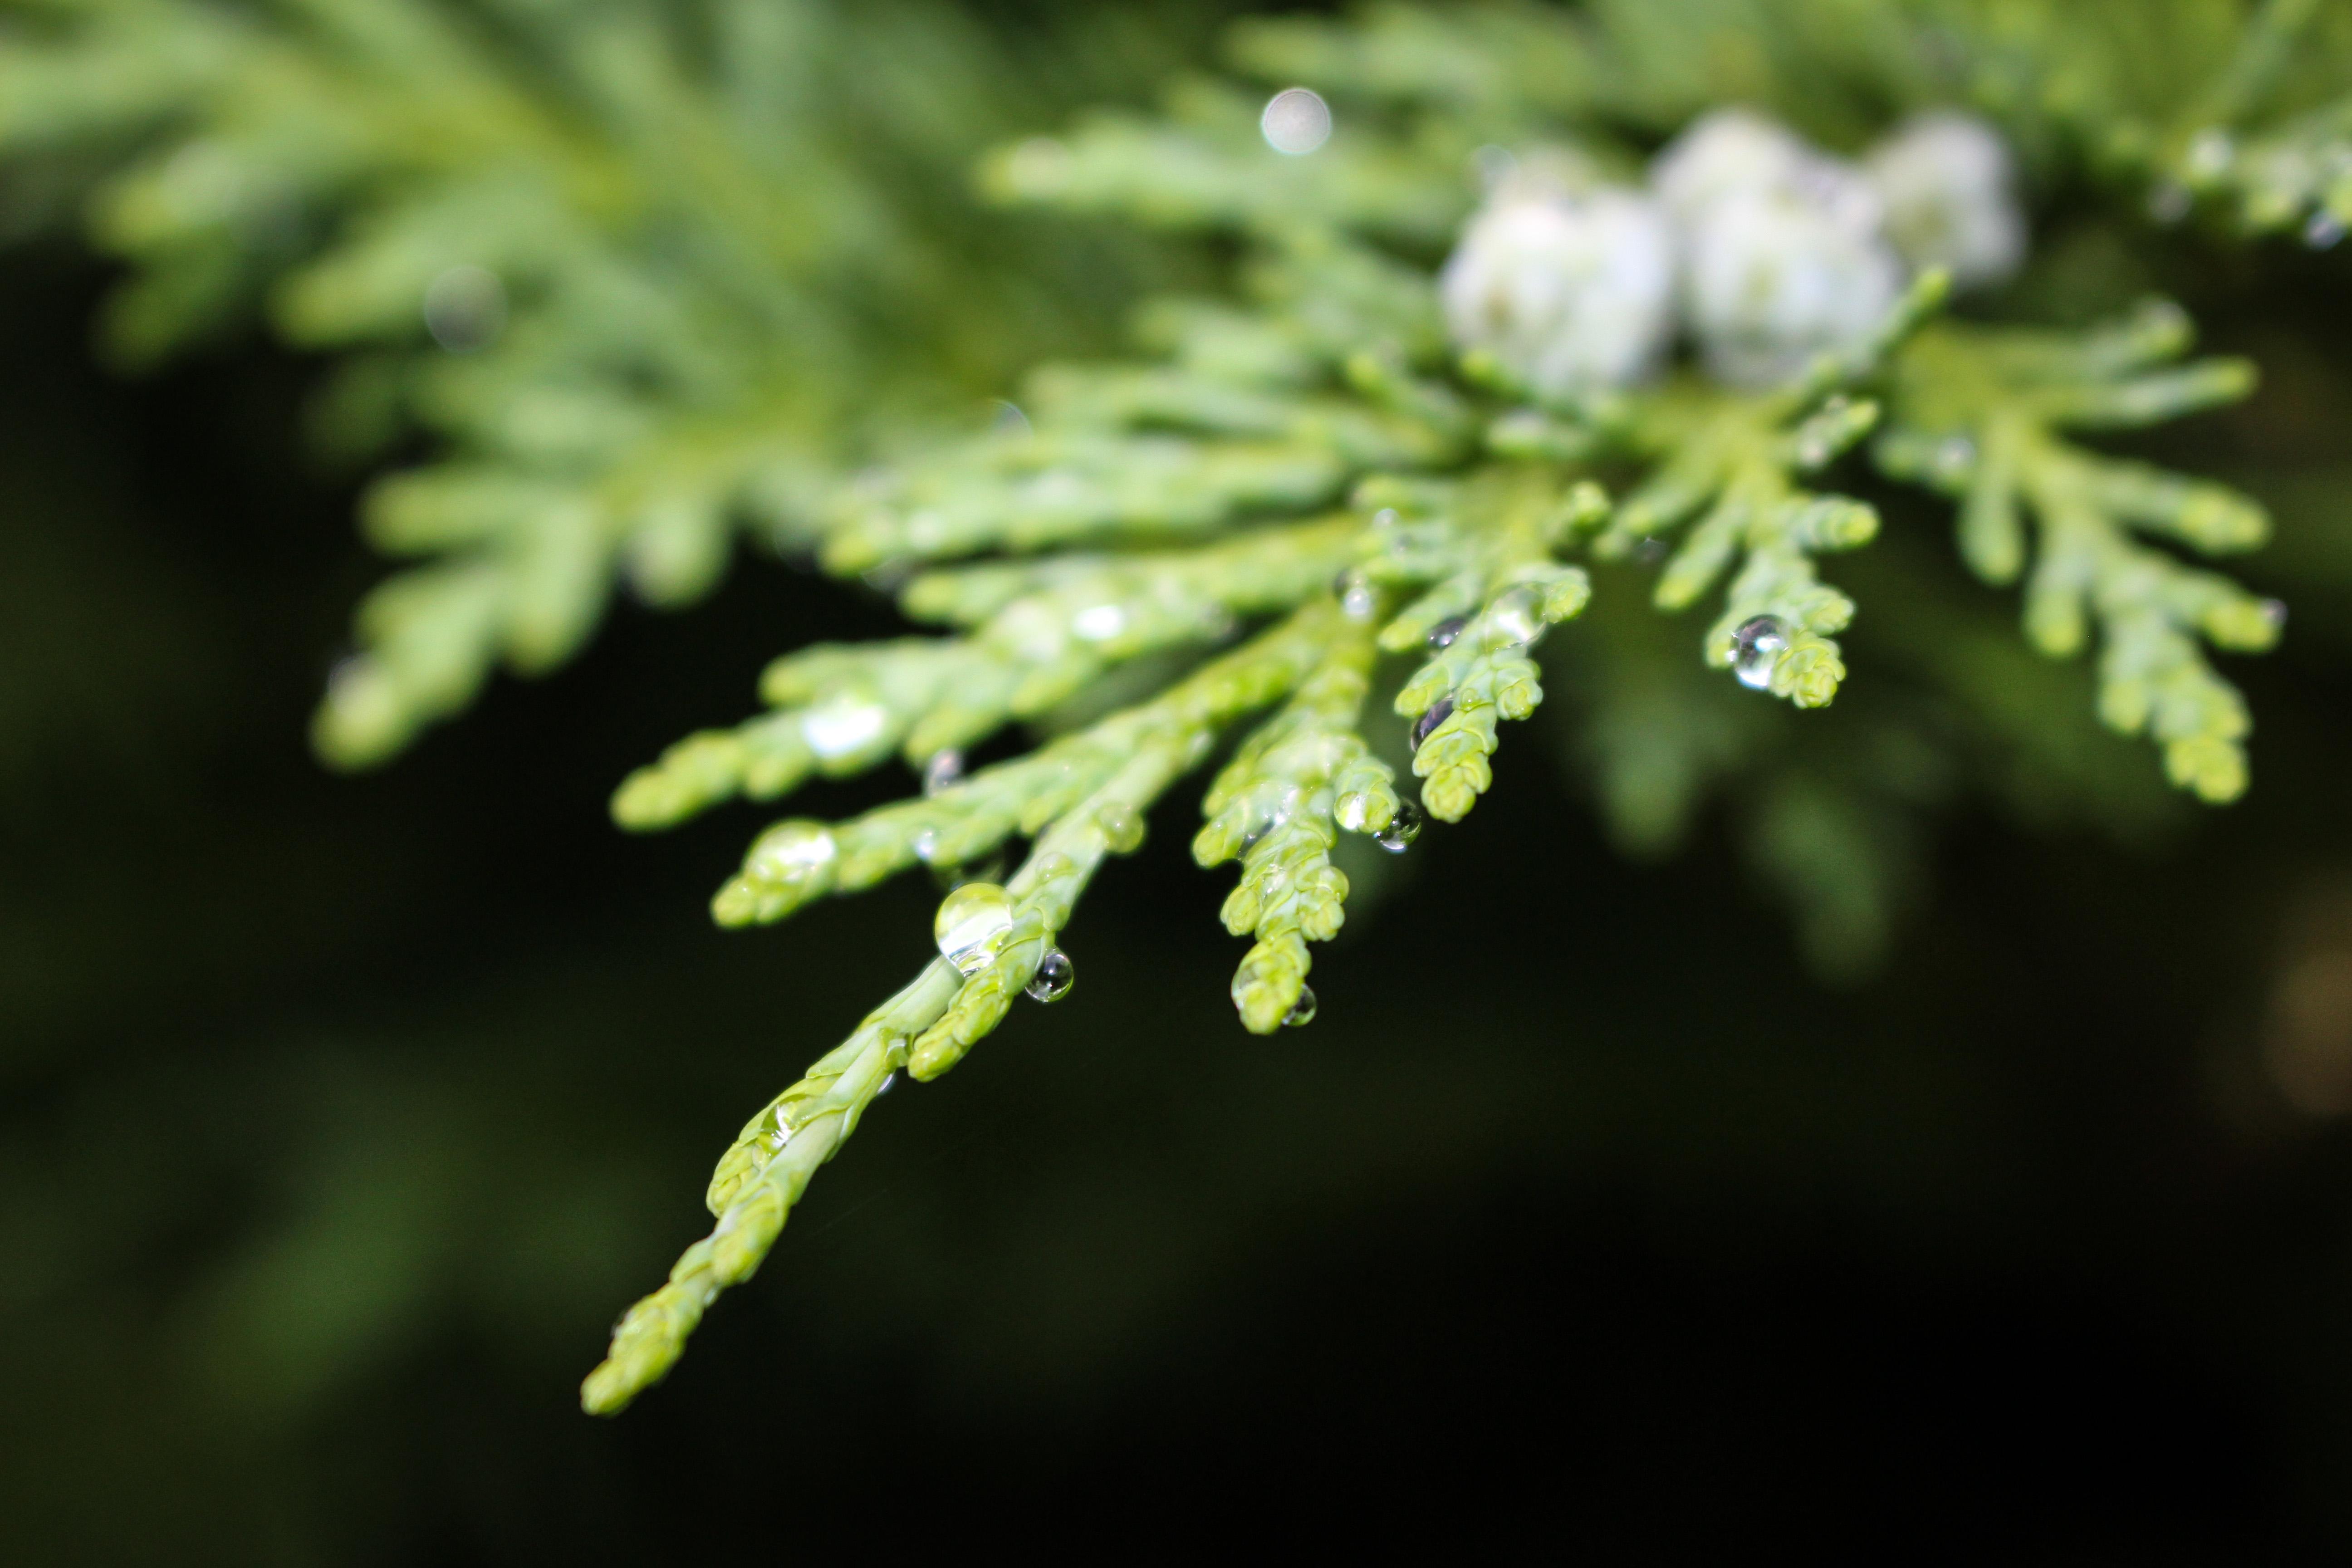 Leaf Drips